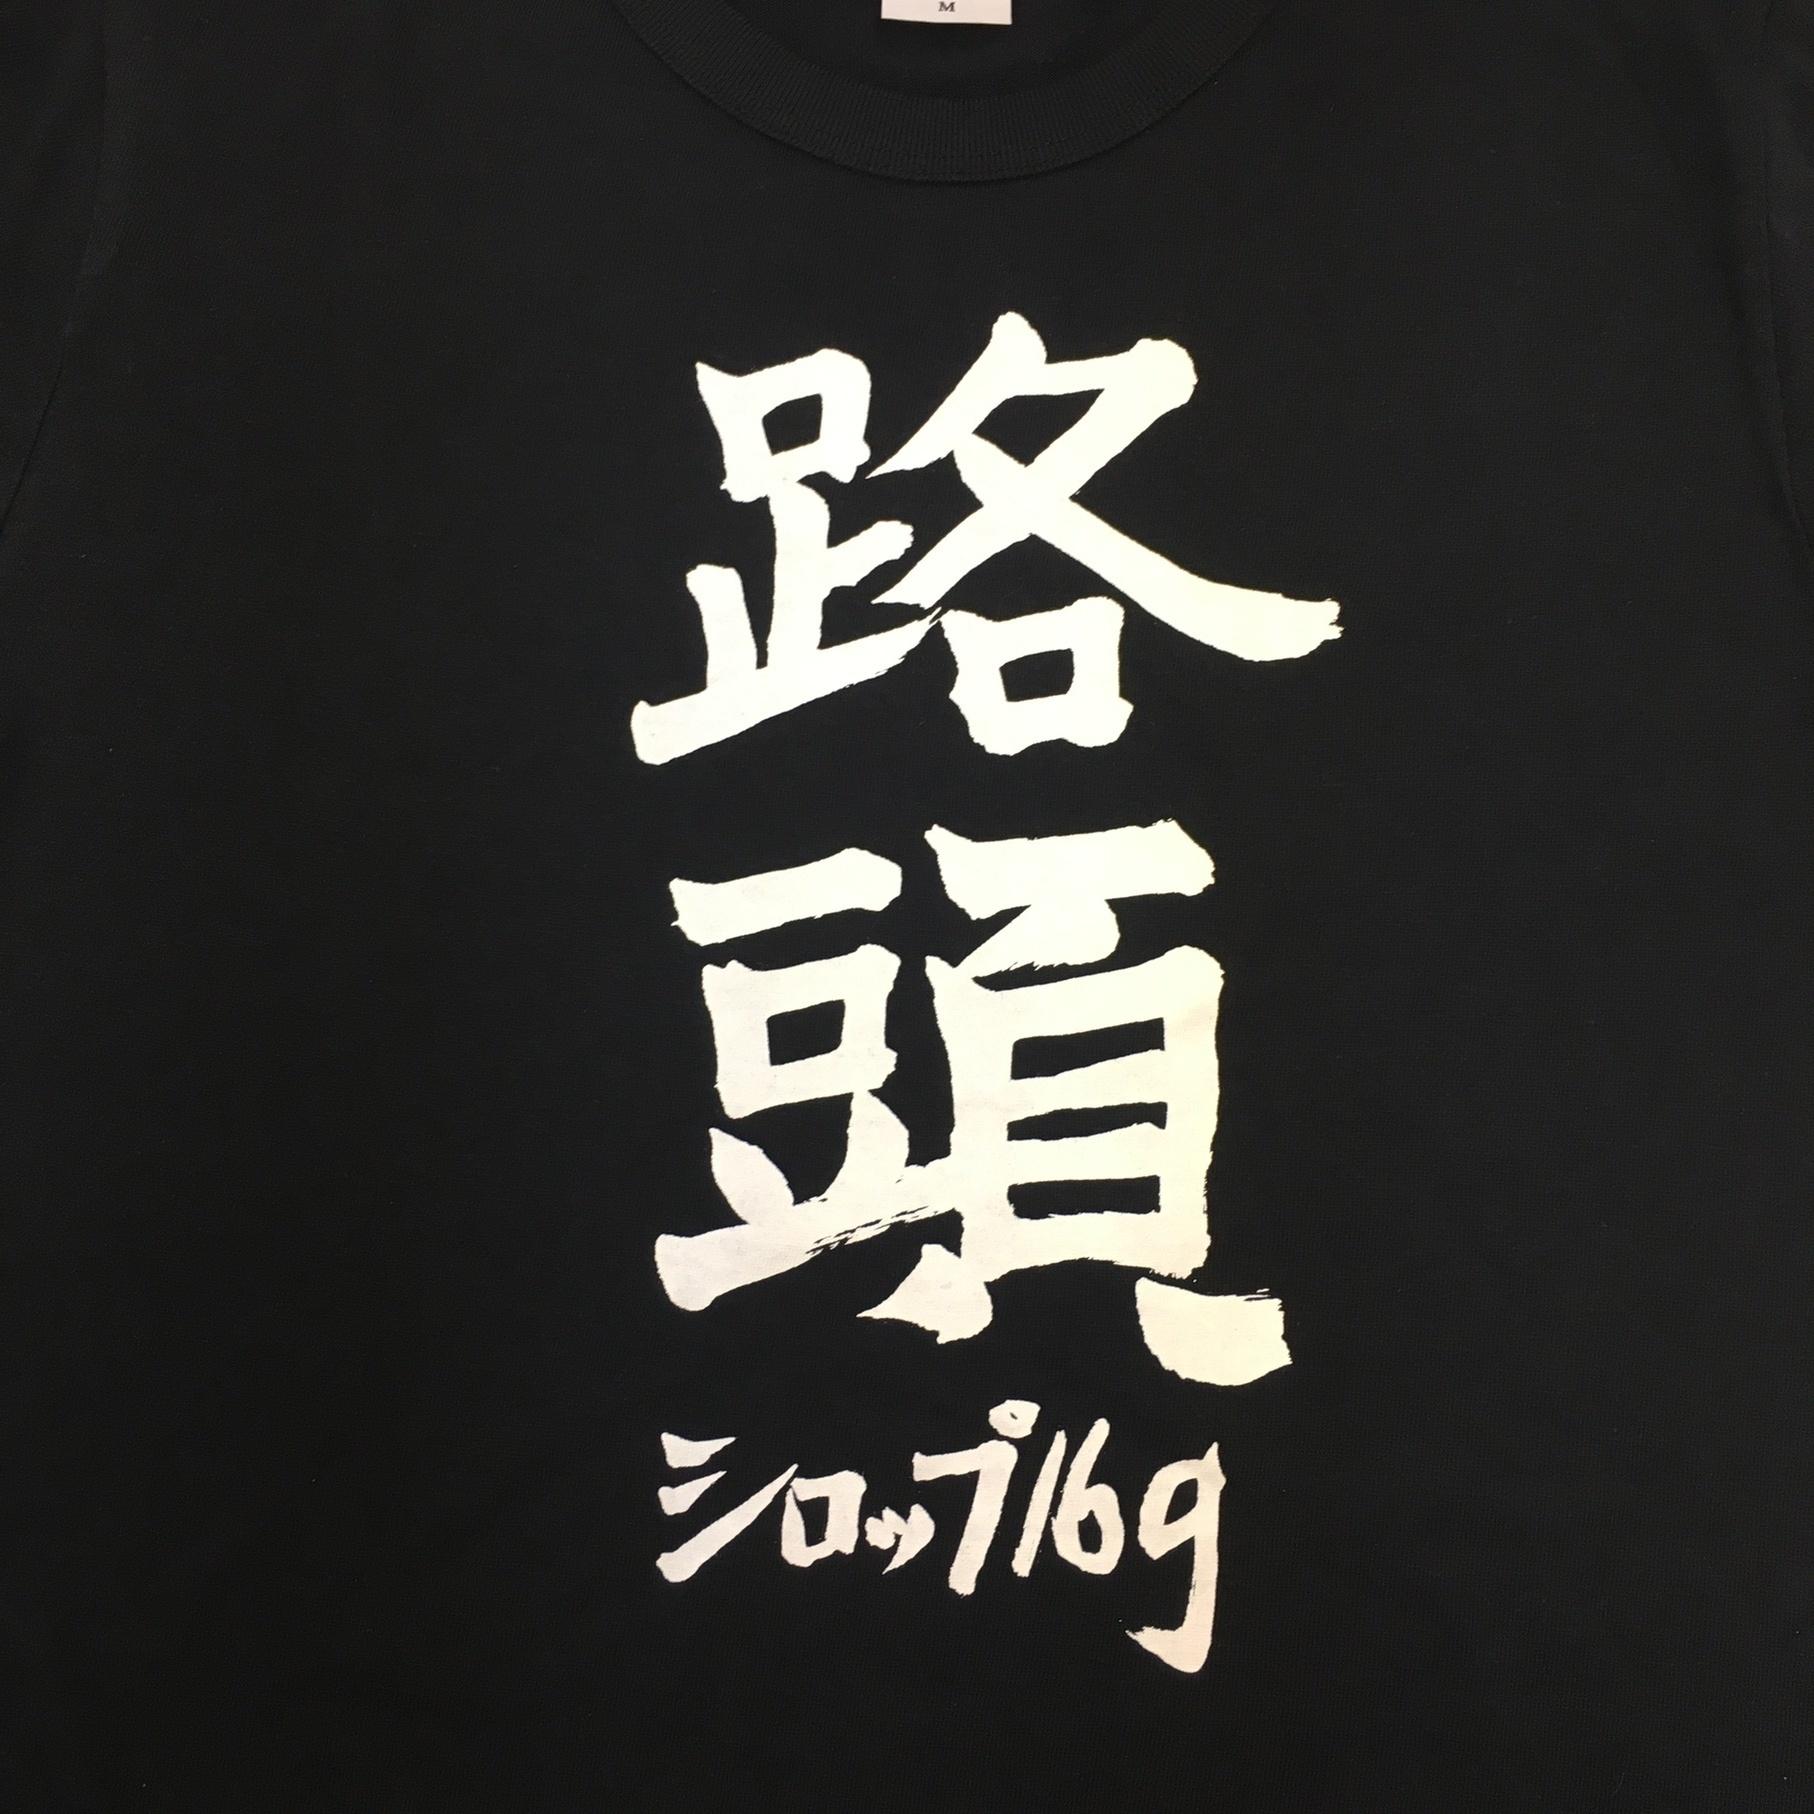 路頭Tシャツ(五十嵐隆直筆デザイン)